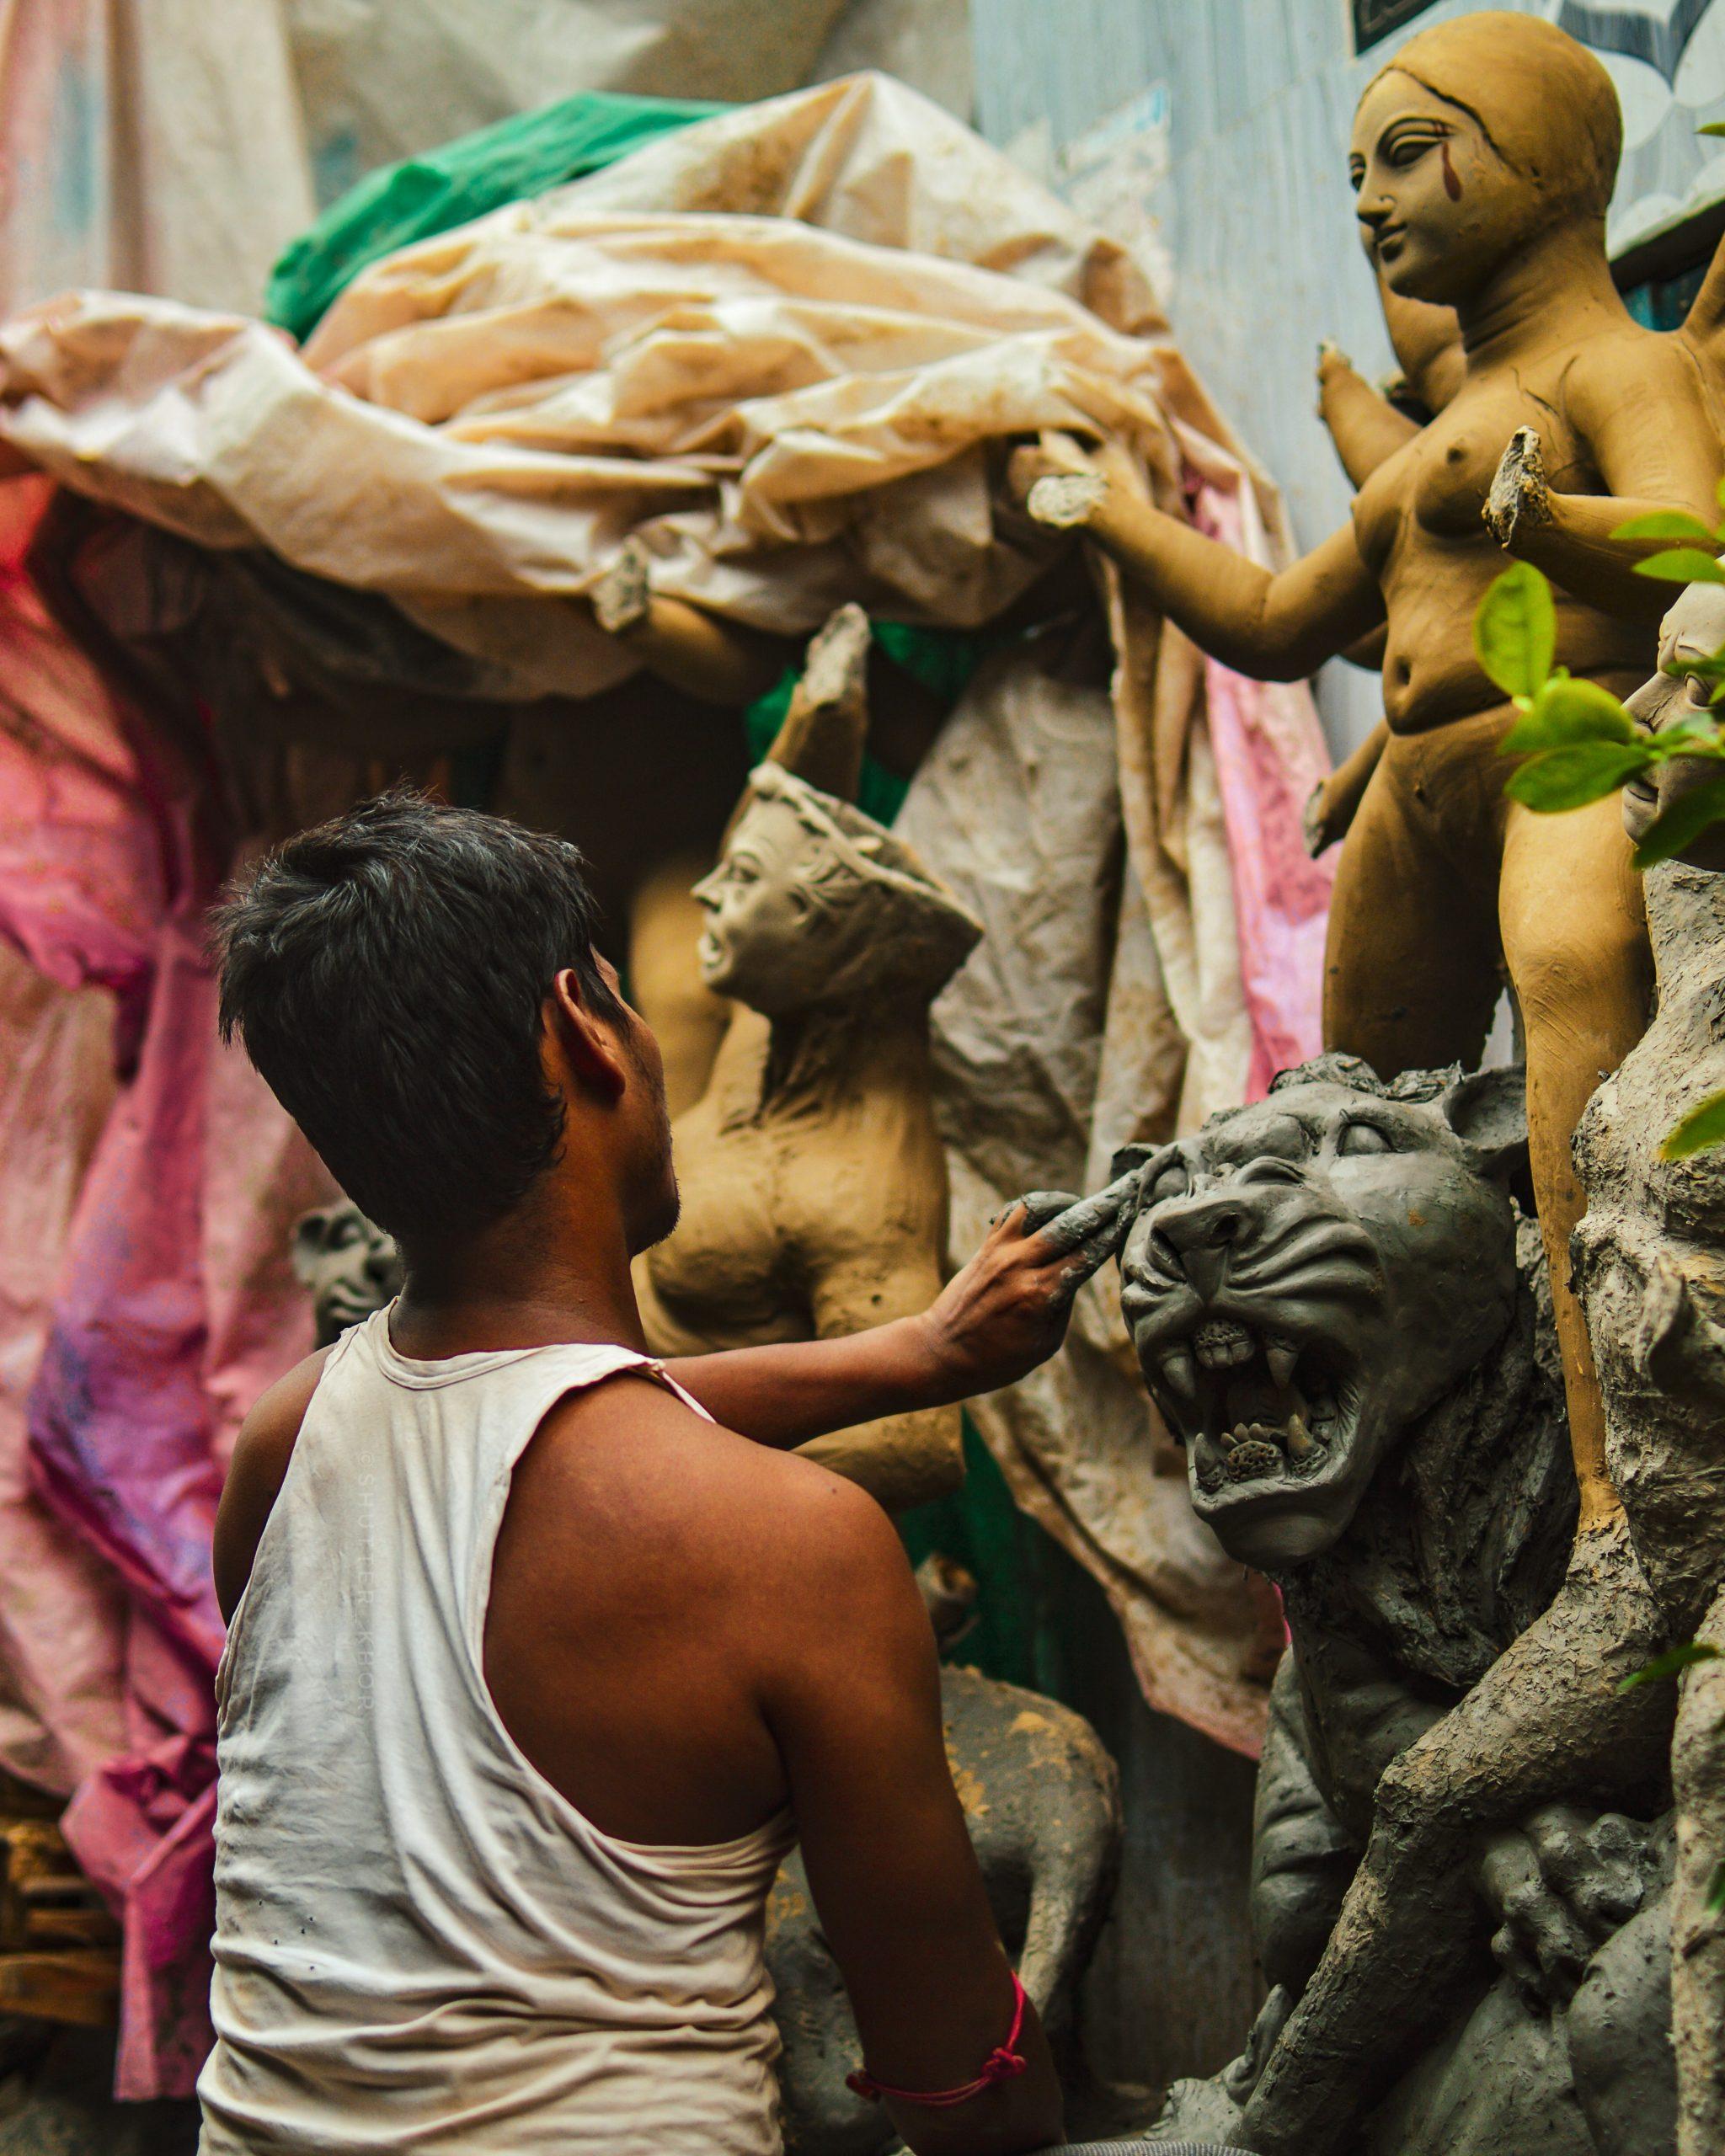 An artist making statues